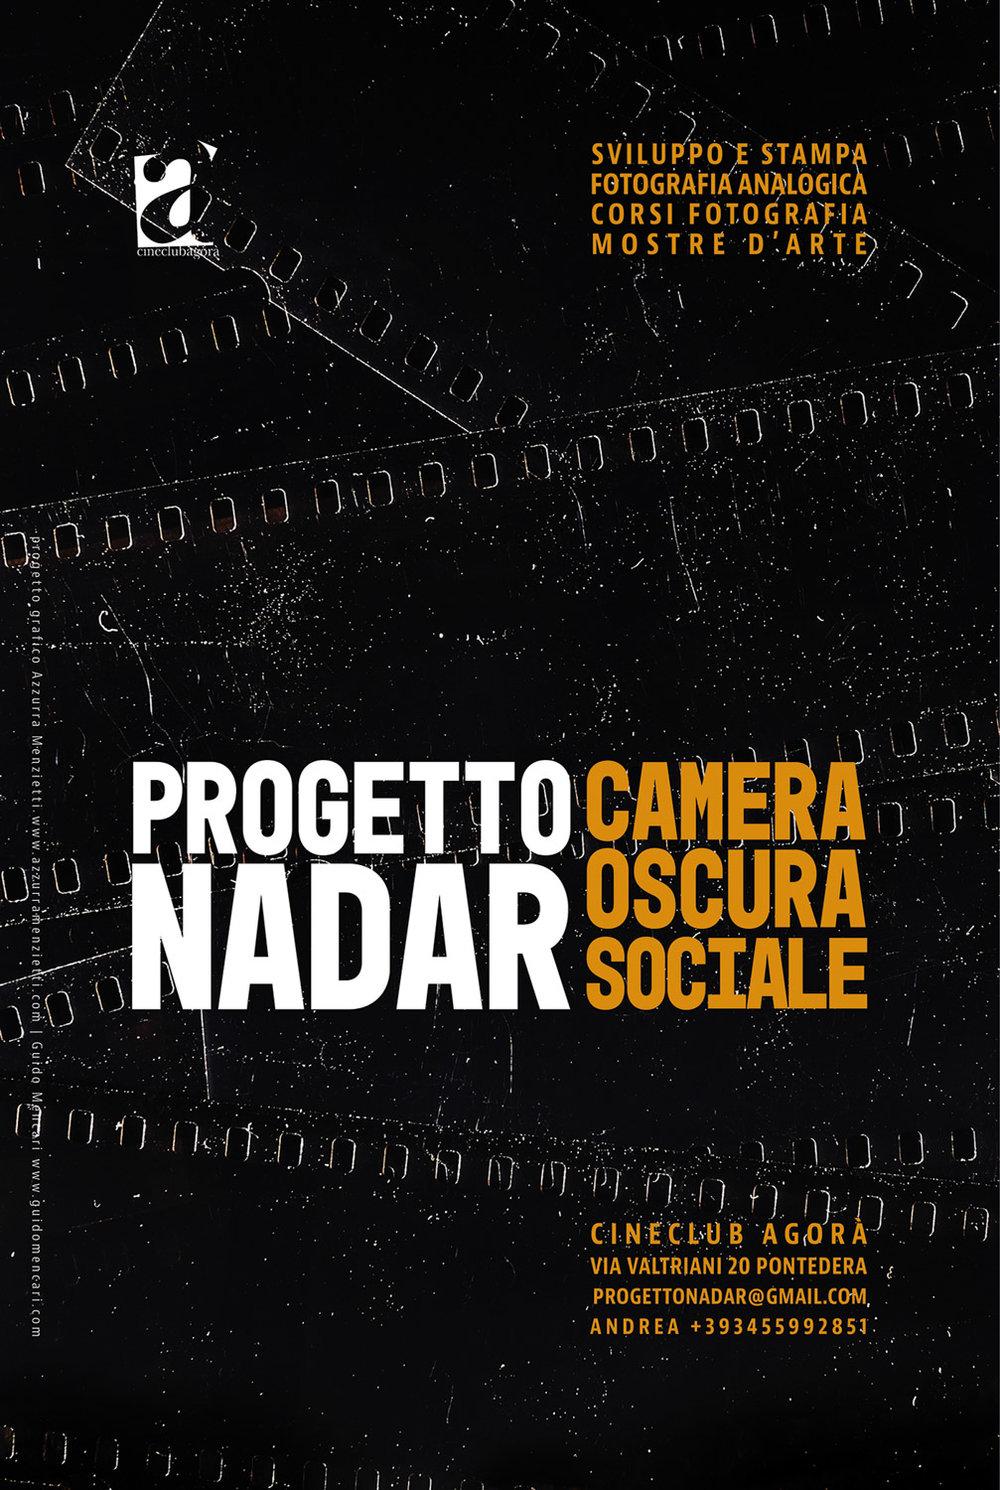 Progetto Nadar. Camera Oscura Sociale    Poster   Graphic Design Azzurra Menzietti & Guido Mencari  2018